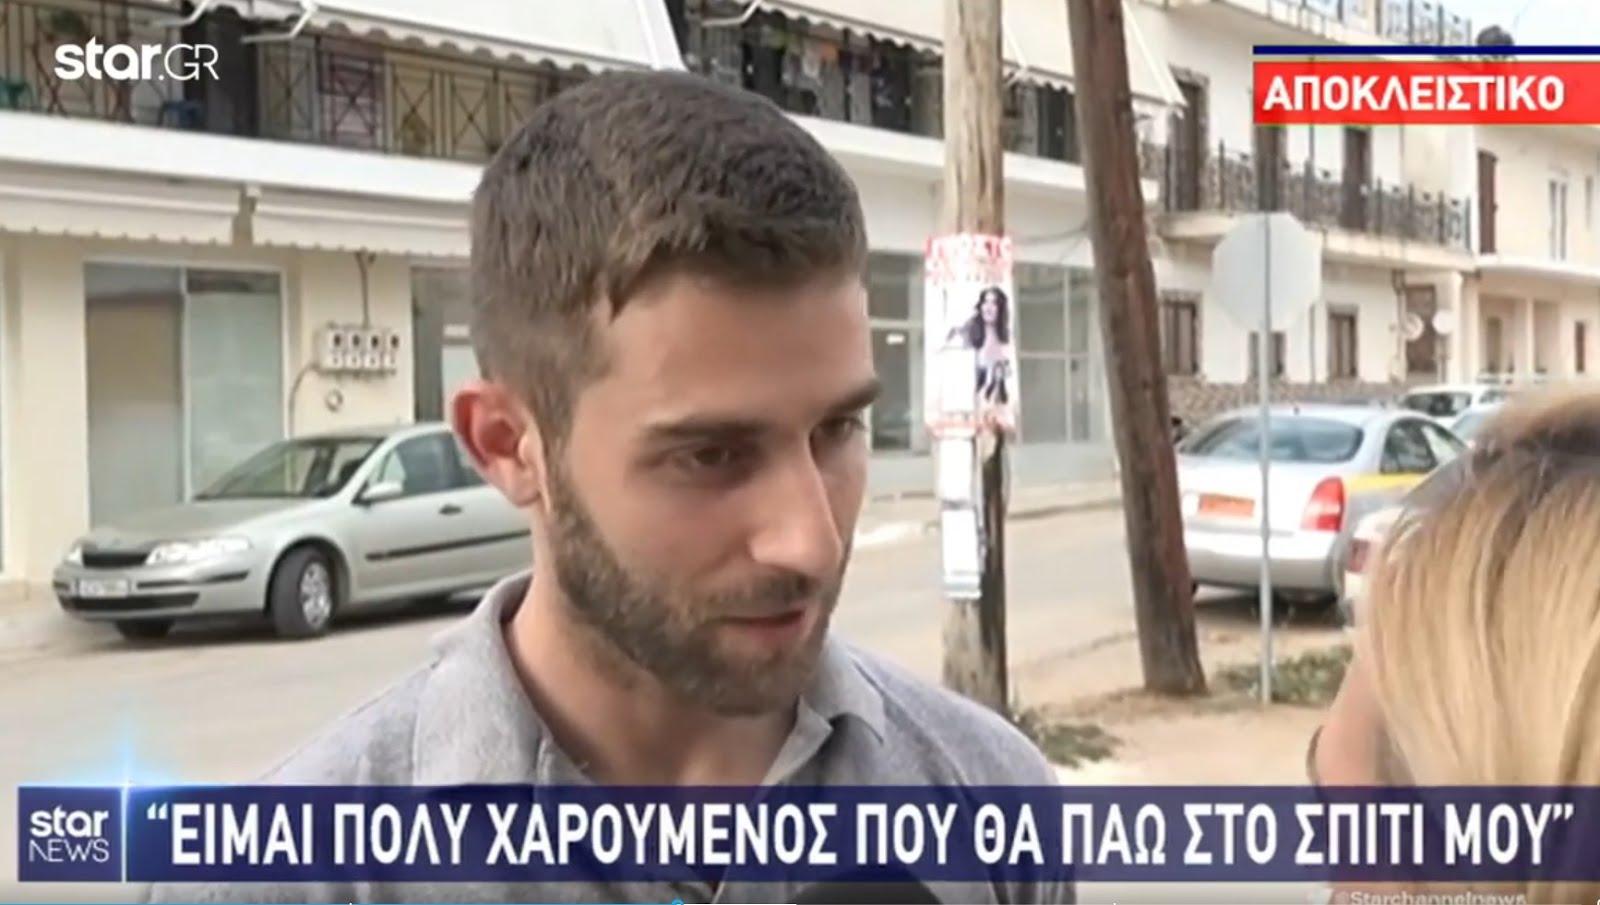 Αποφυλακίστηκε ο πατροκτόνος της Ζακύνθου: «Από τη μέρα που γεννήθηκα καταστράφηκε η ζωή μου»